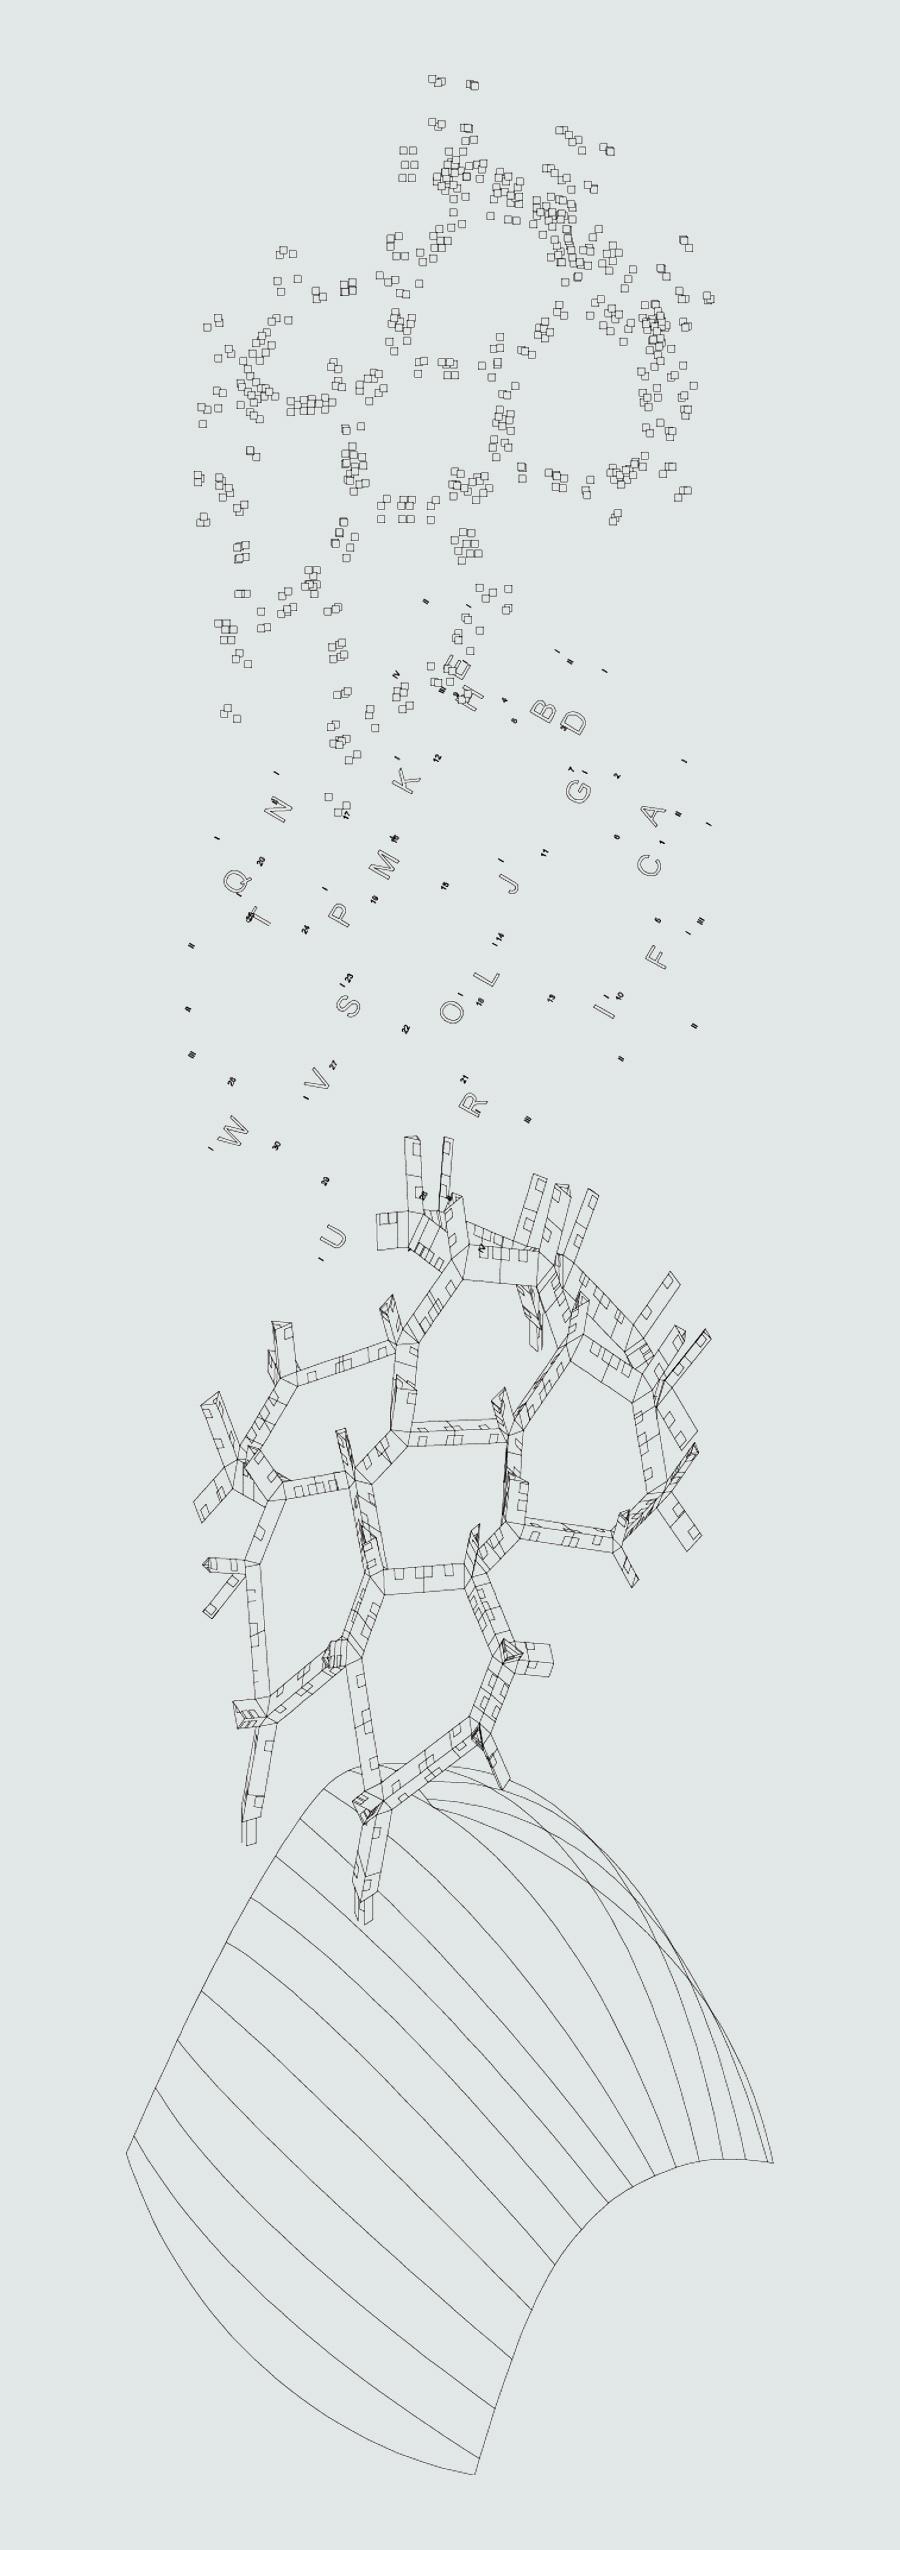 exp-axon